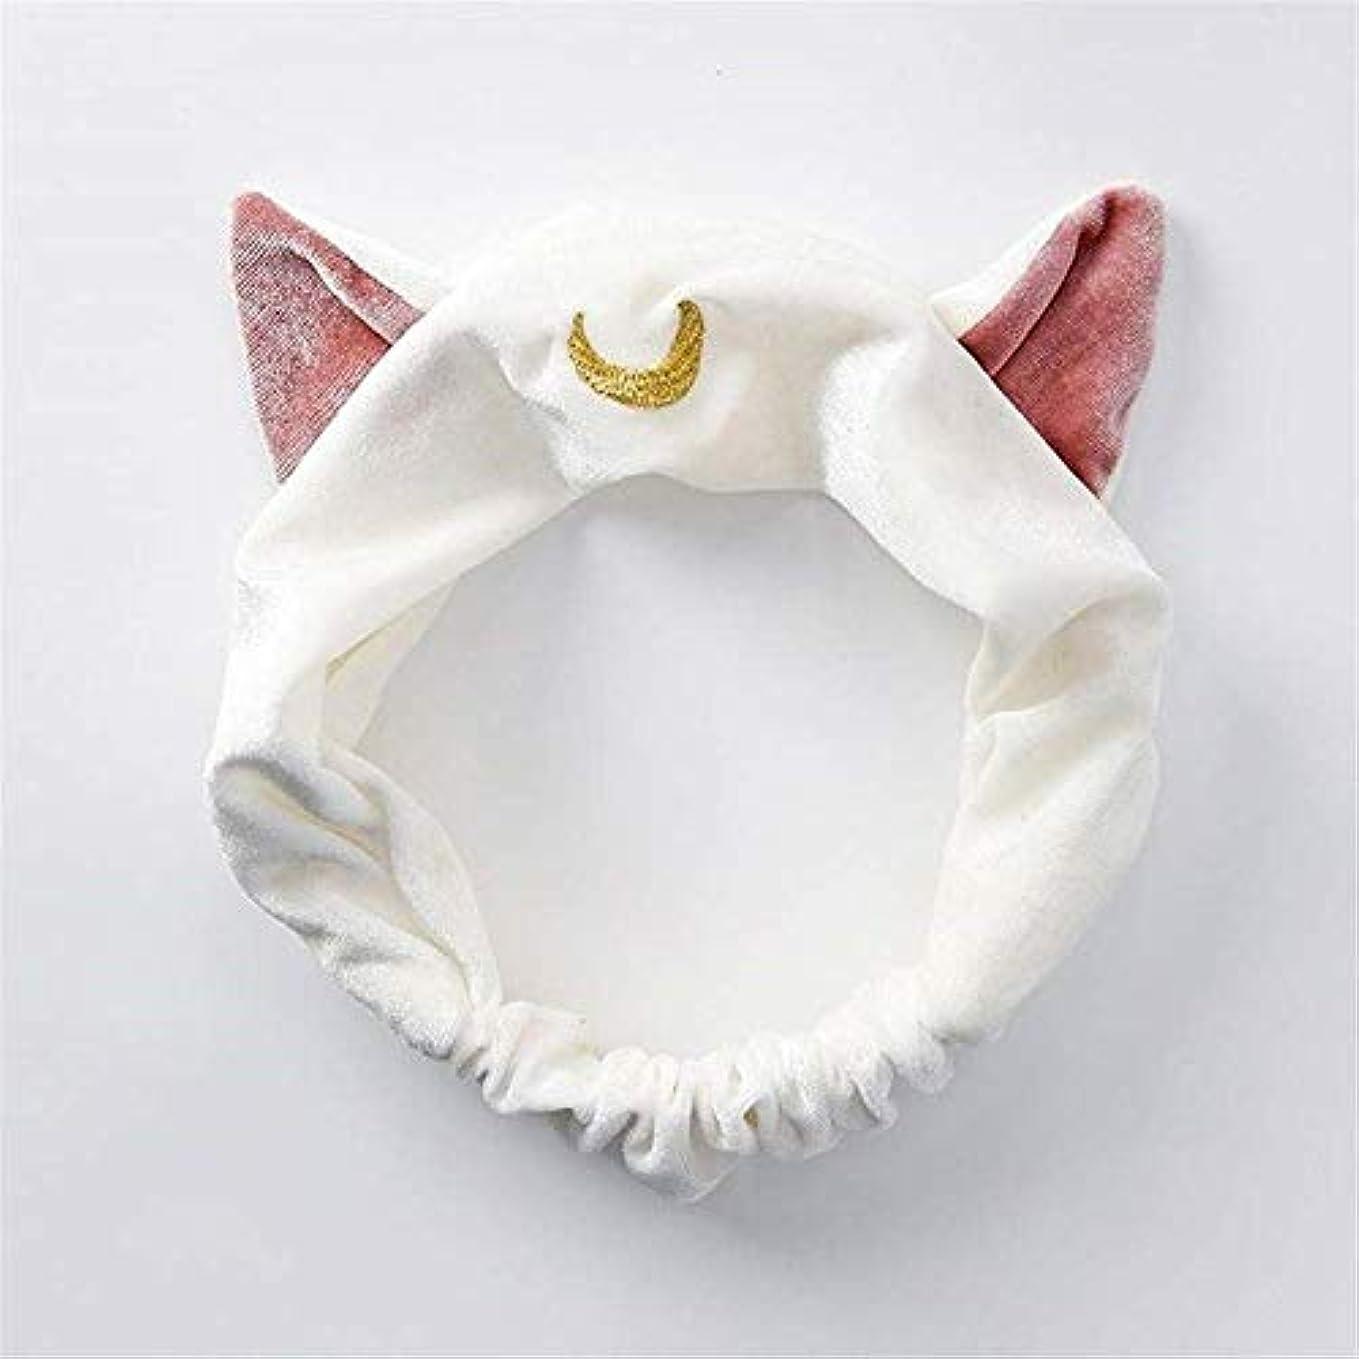 害虫せっかち金額ファッションセーラームーンアルテミス風のヘアバンドかわいい猫美容シャワーヘッドバンド(ホワイト)